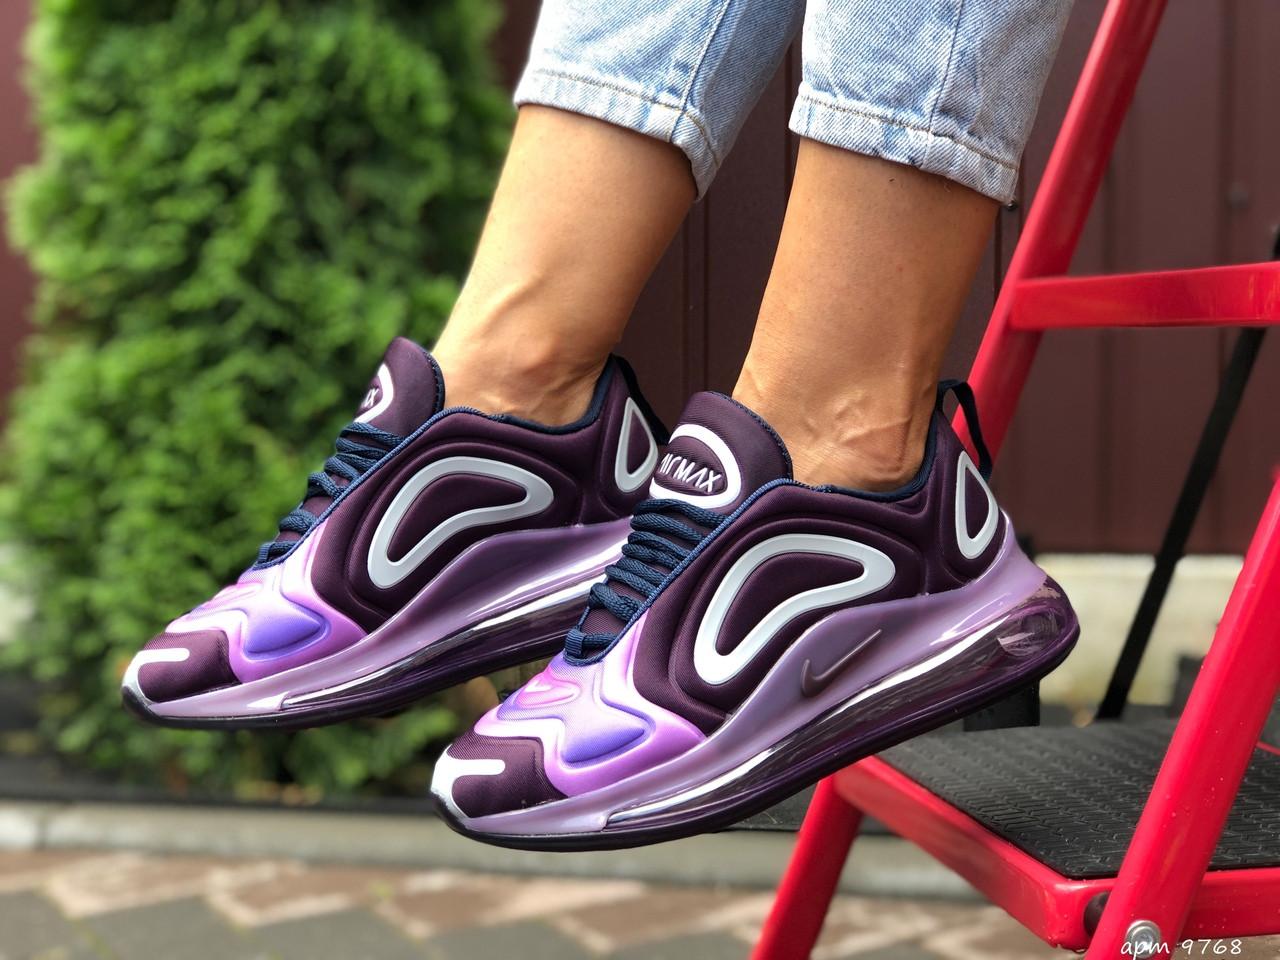 Nike Air Max женские демисезонные фиолетовые кроссовки на шнурках